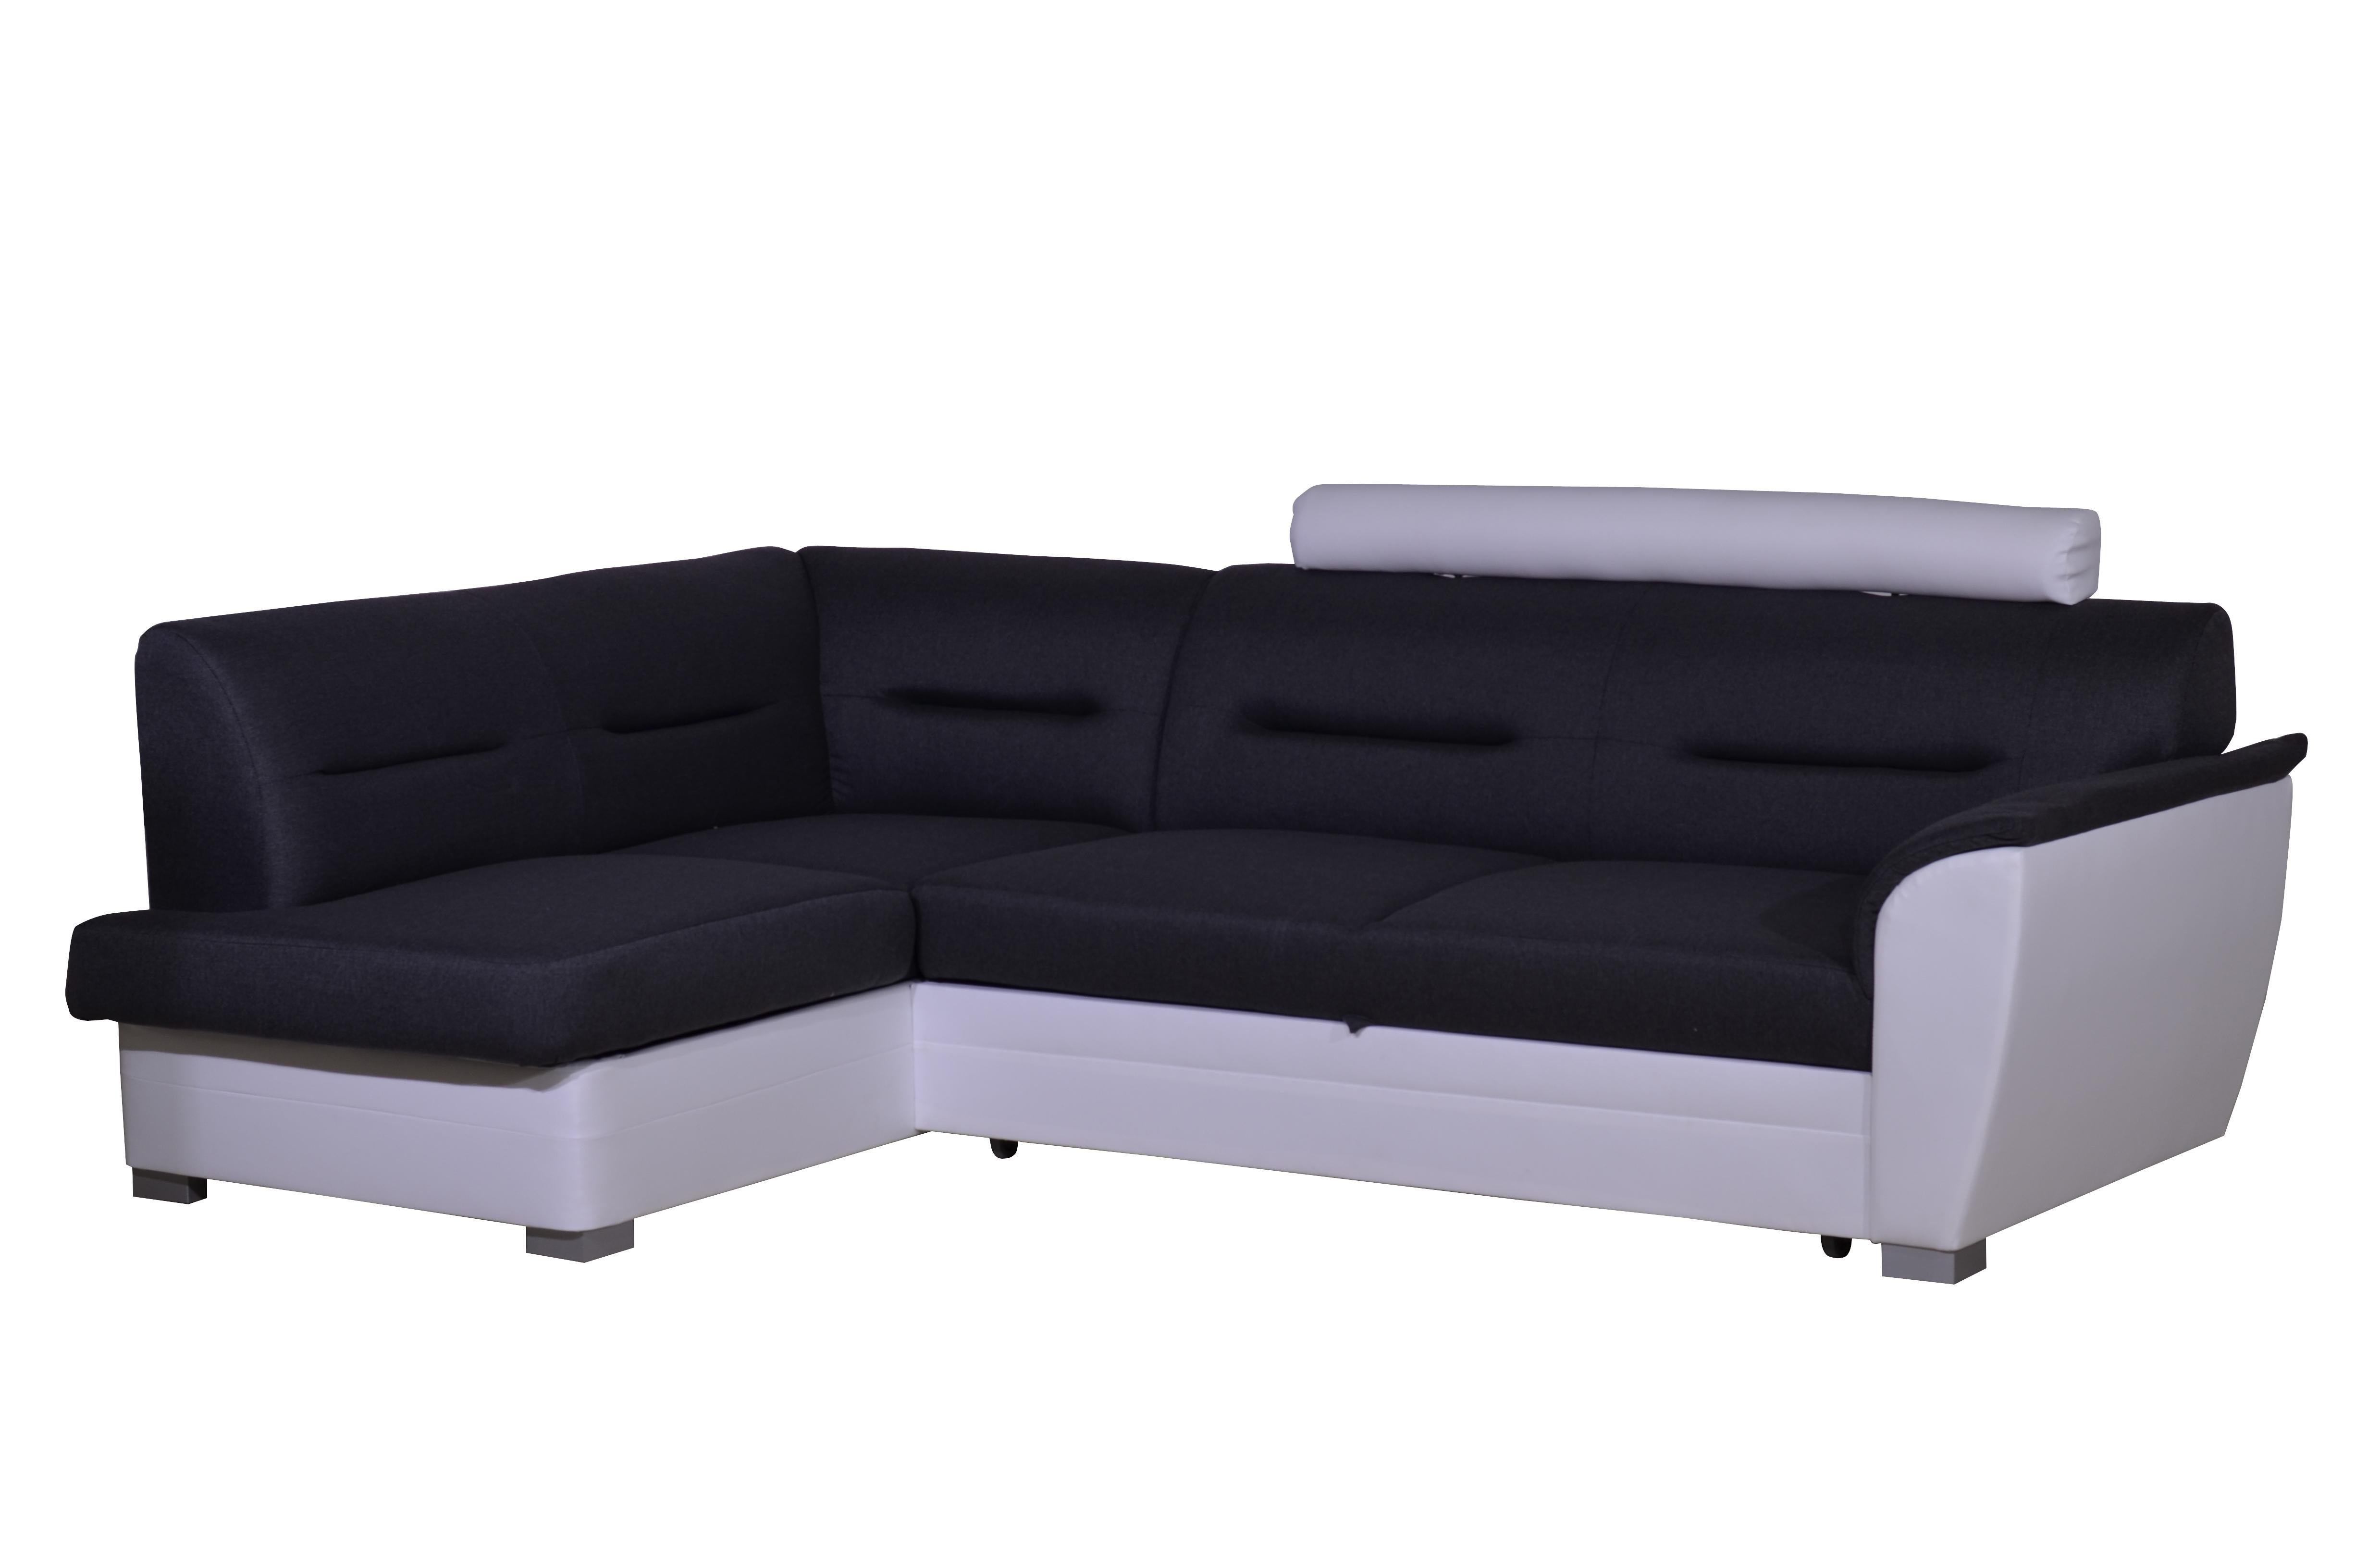 Smartshop Rohová sedačka TOLEDO se záhlavníkem, levá, látka šedá/bílá ekokůže